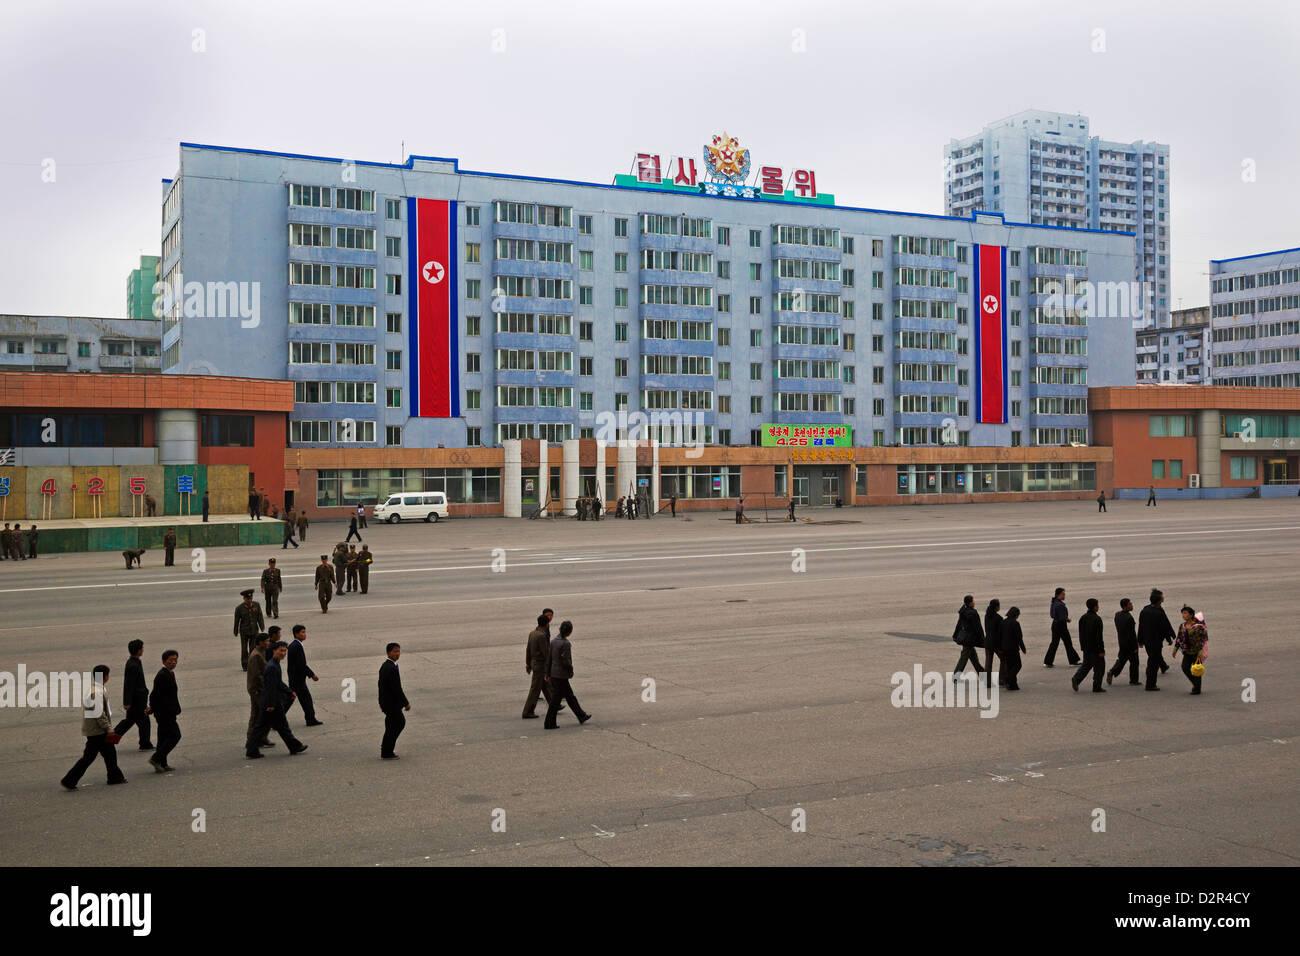 Tipica architettura delle città, Pyongyang, Repubblica Popolare Democratica di Corea (DPRK), la Corea del Nord, Immagini Stock